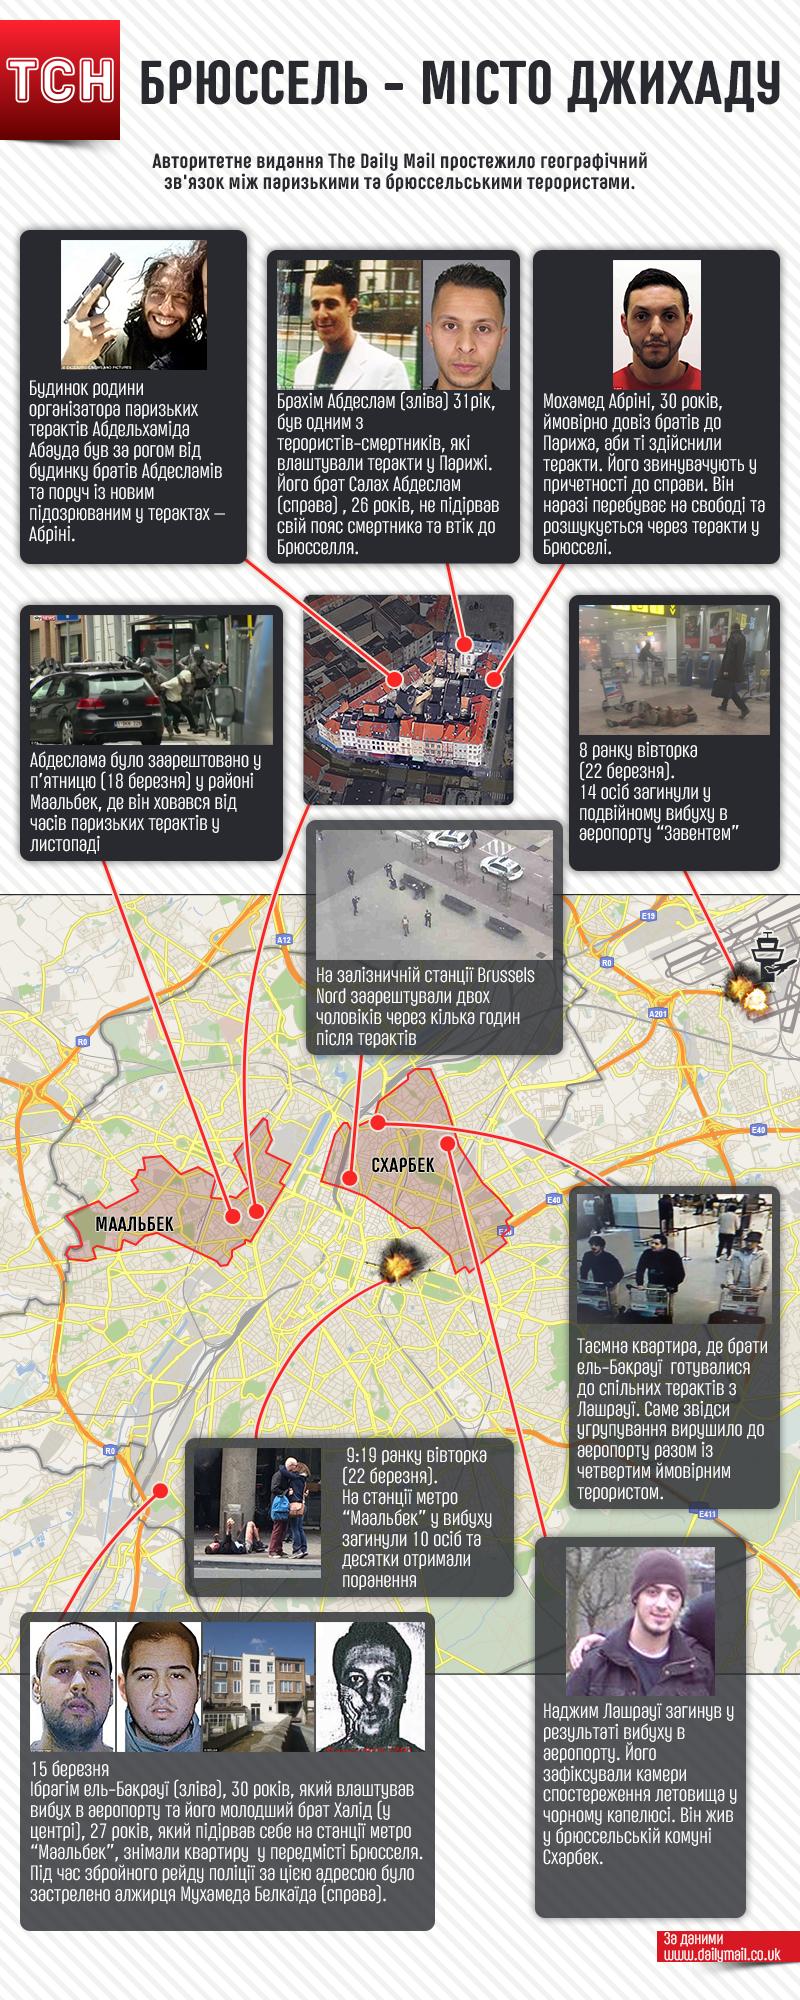 Брюссель-місто джихада